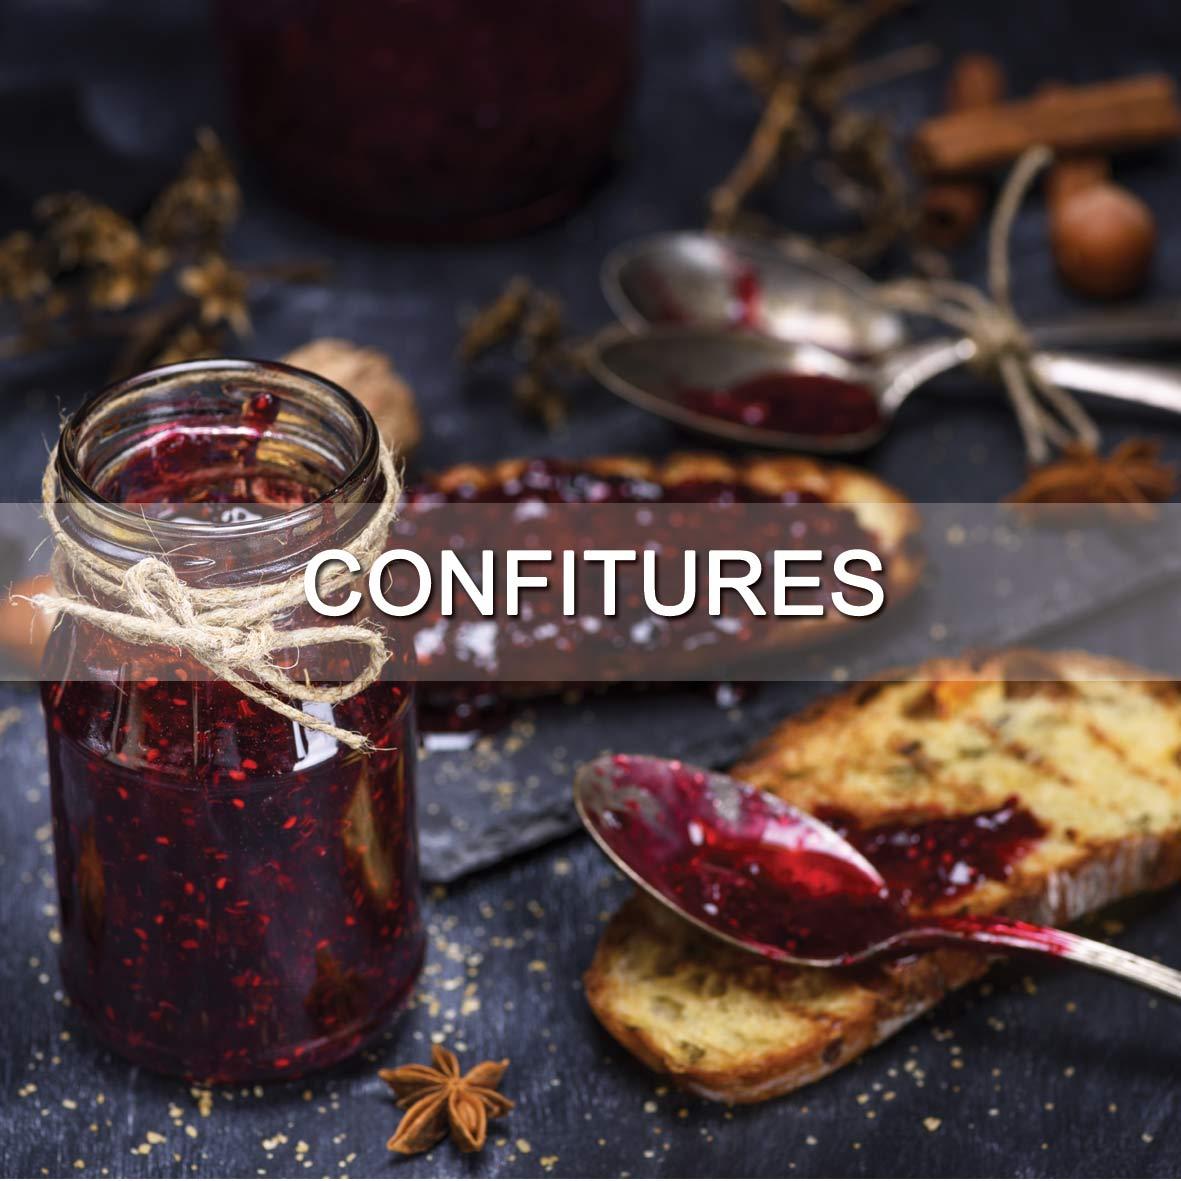 Le Fumoir de Saint-Cast vous présente ses produits d'épicerie fine sucrées : confitures